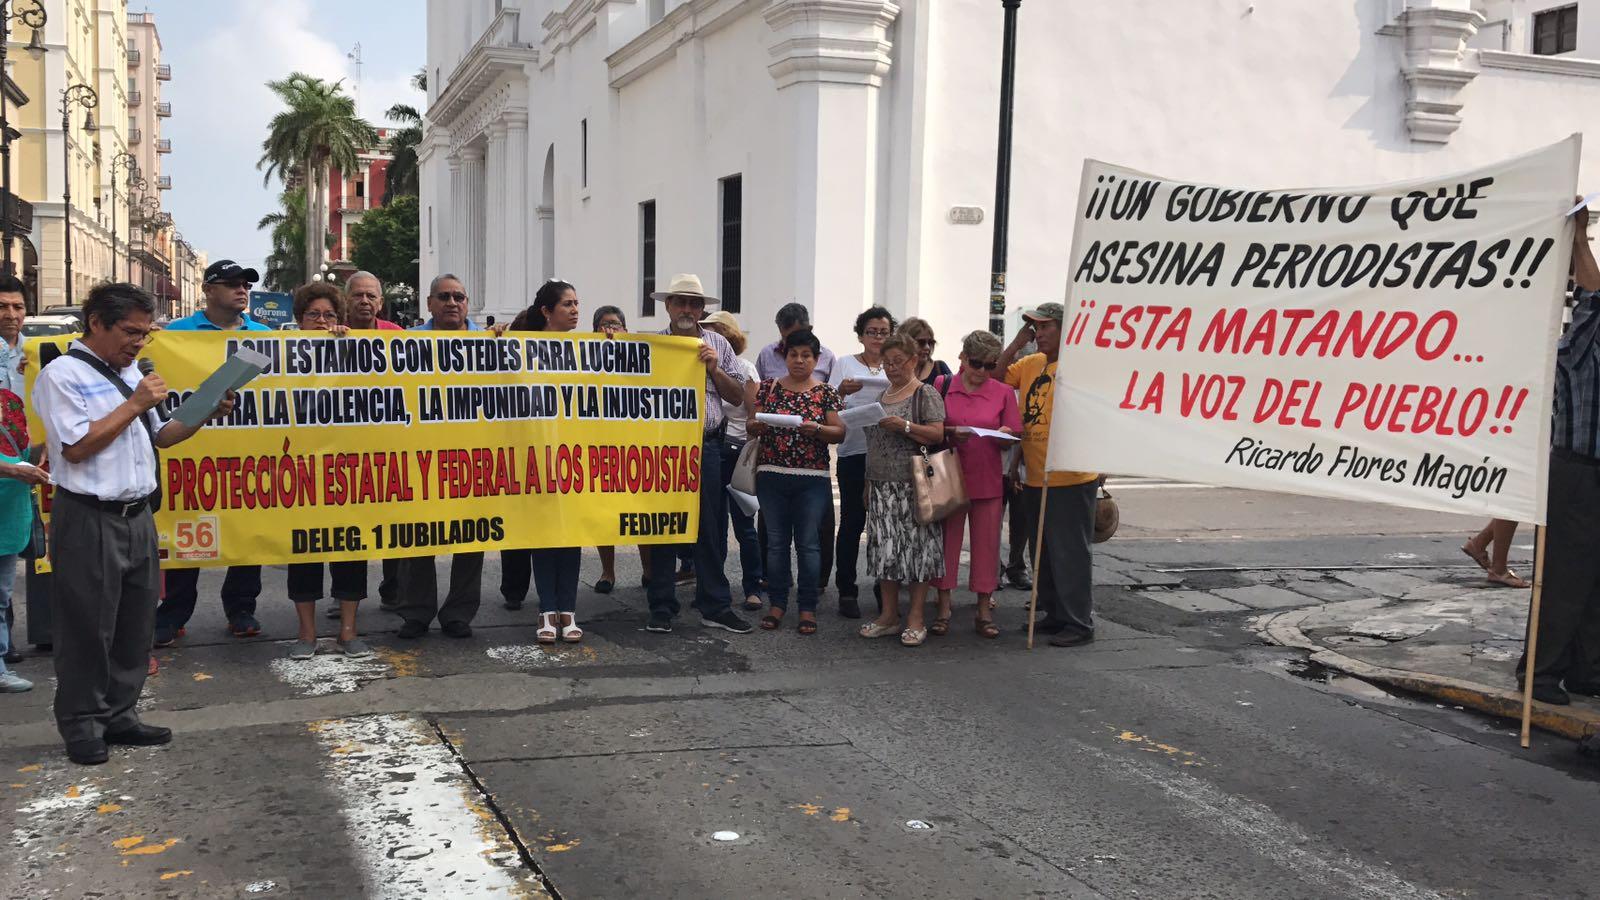 Jubilados se solidarizan con periodistas en el día de la libertad de expresión